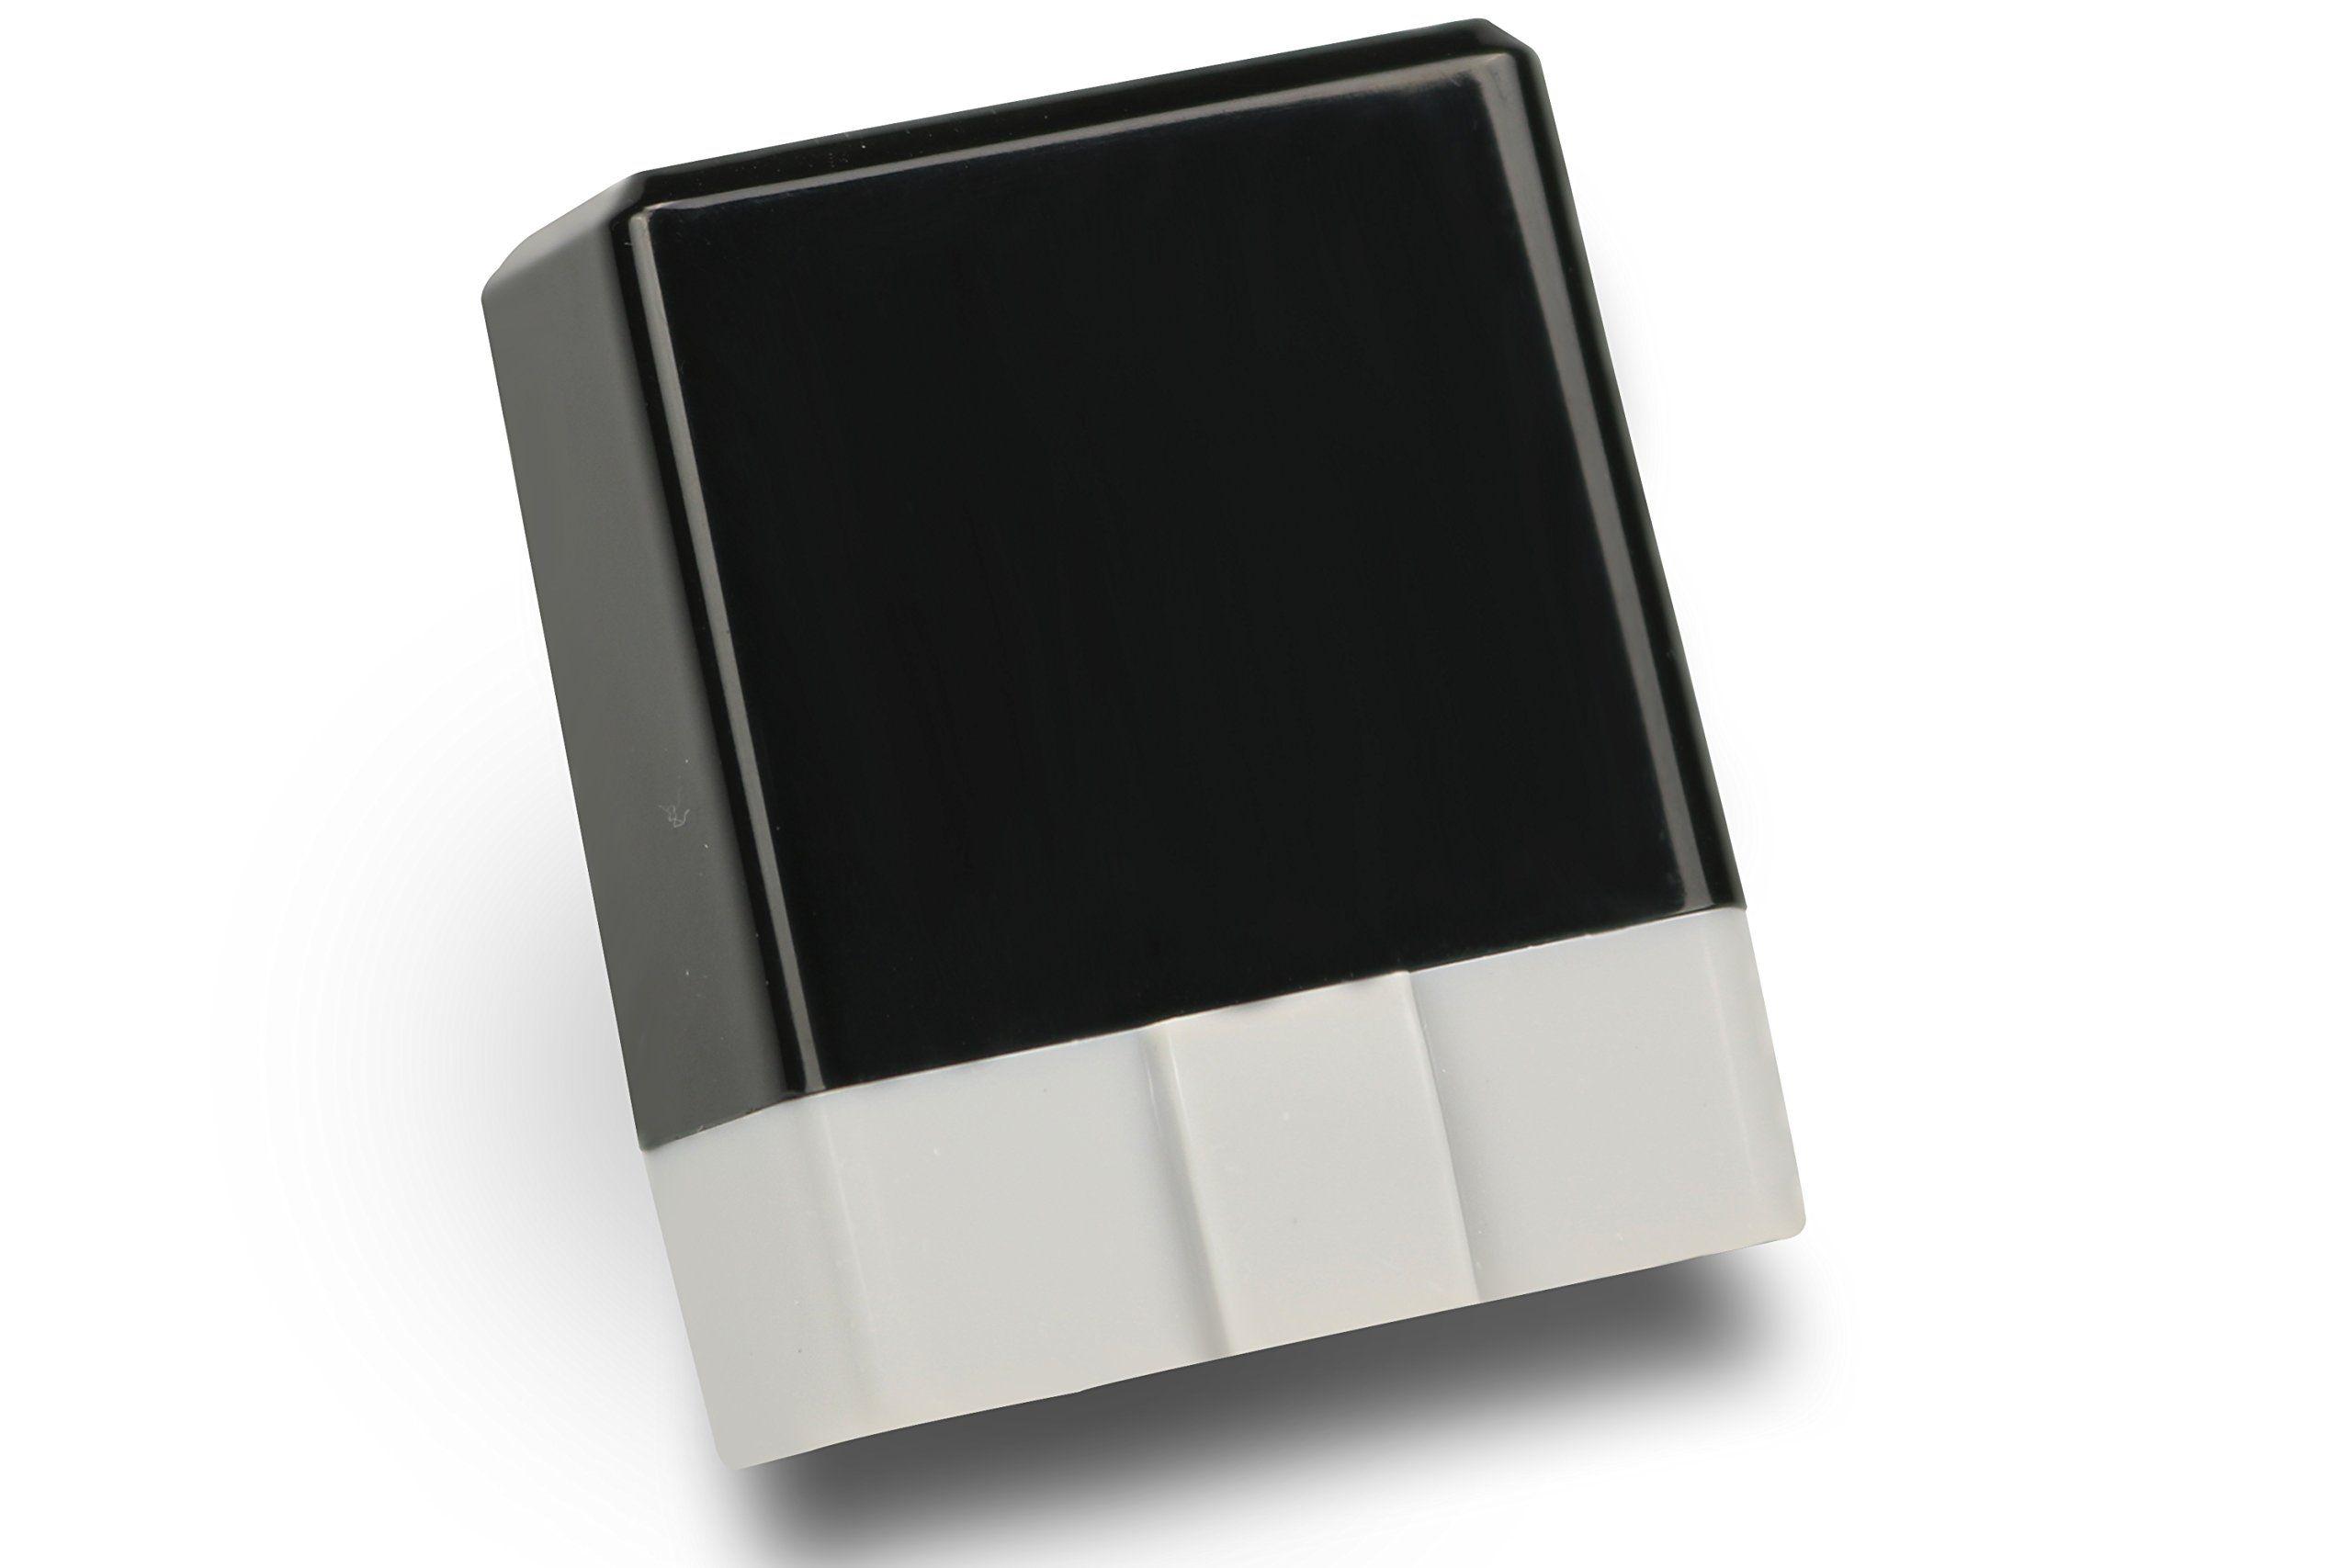 OBD2 OBD 2, Kinnara Bluetooth OBDII Scan Tool Car Code